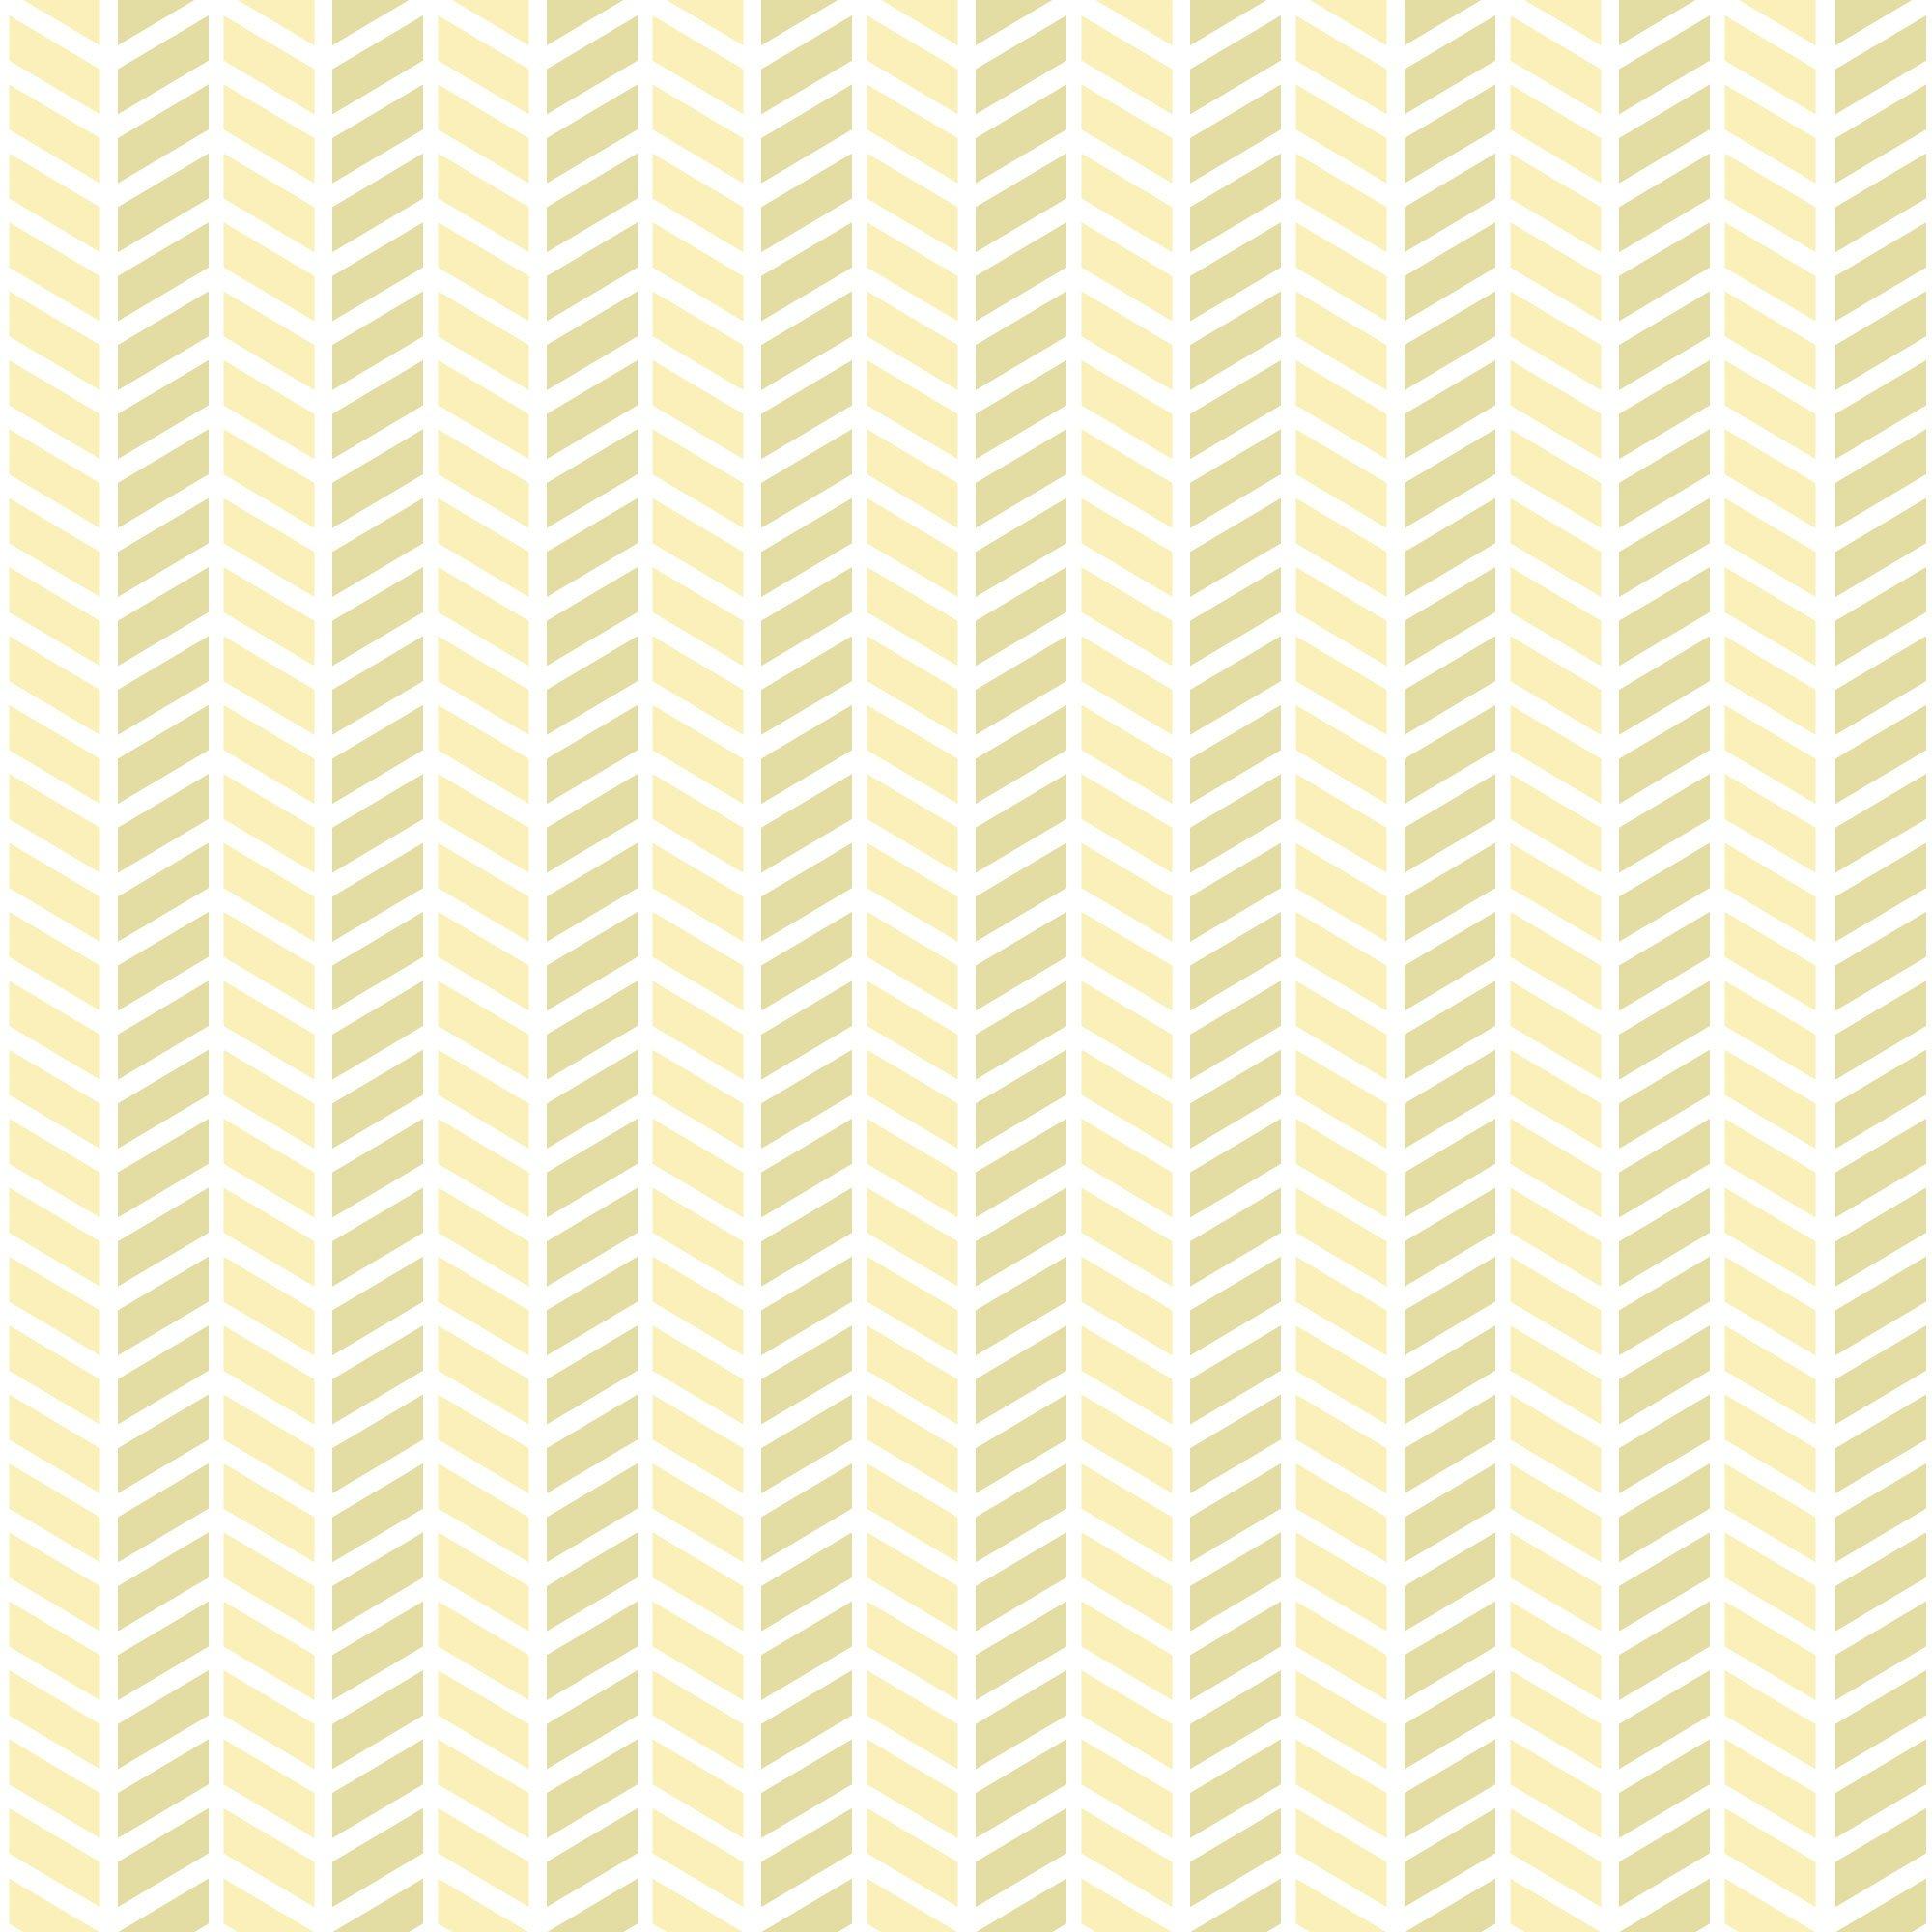 20款无缝隙矢量图案背景素材 Universal Seamless Patterns插图(3)